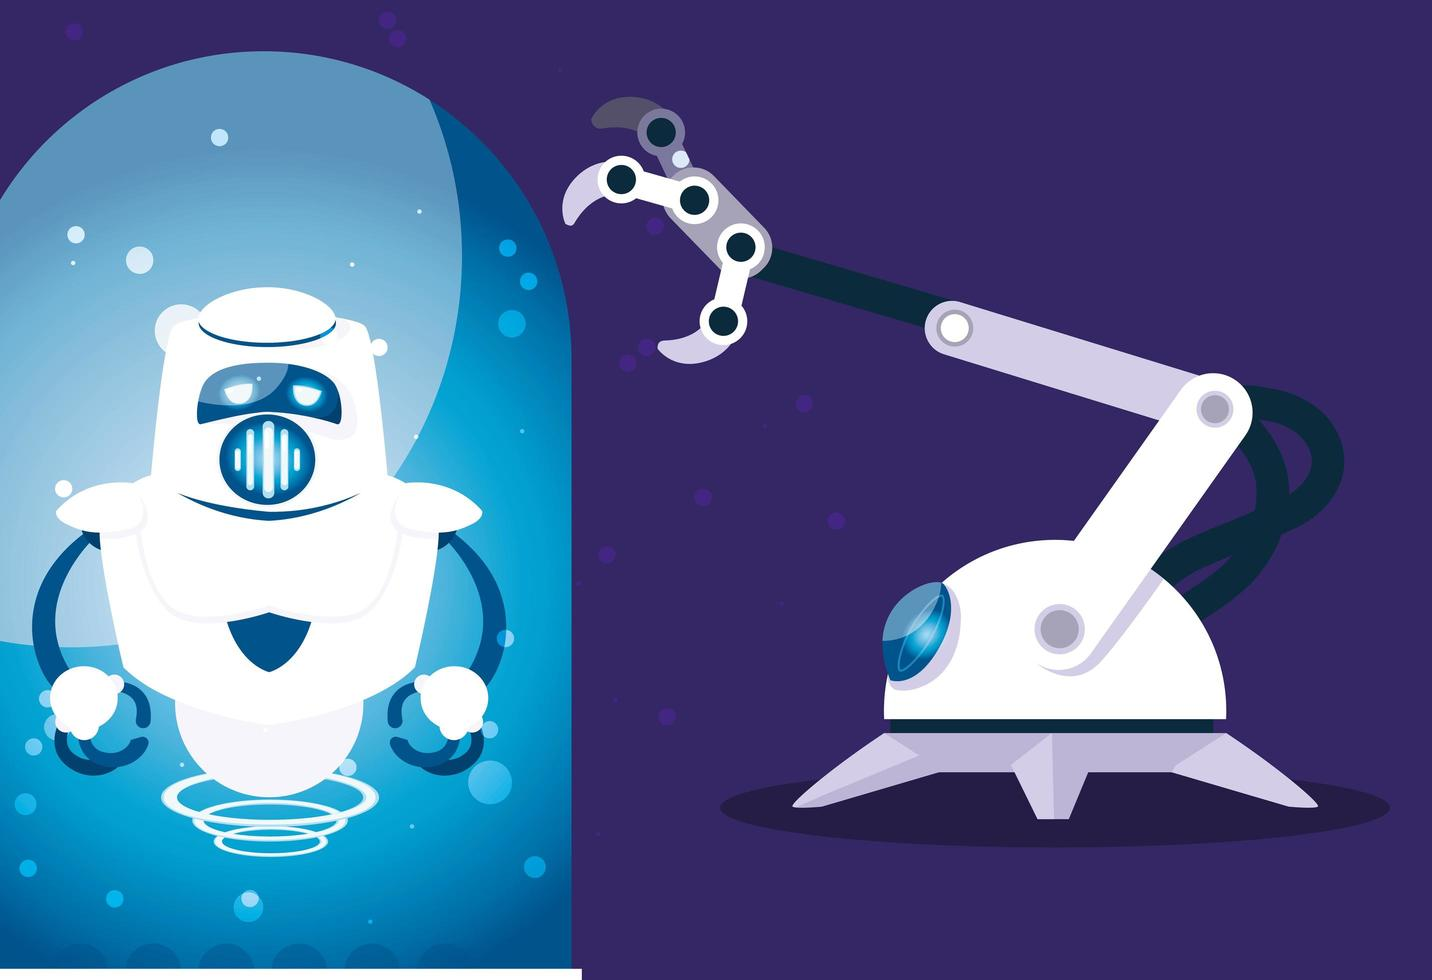 caricatura de robot sobre fondo azul vector